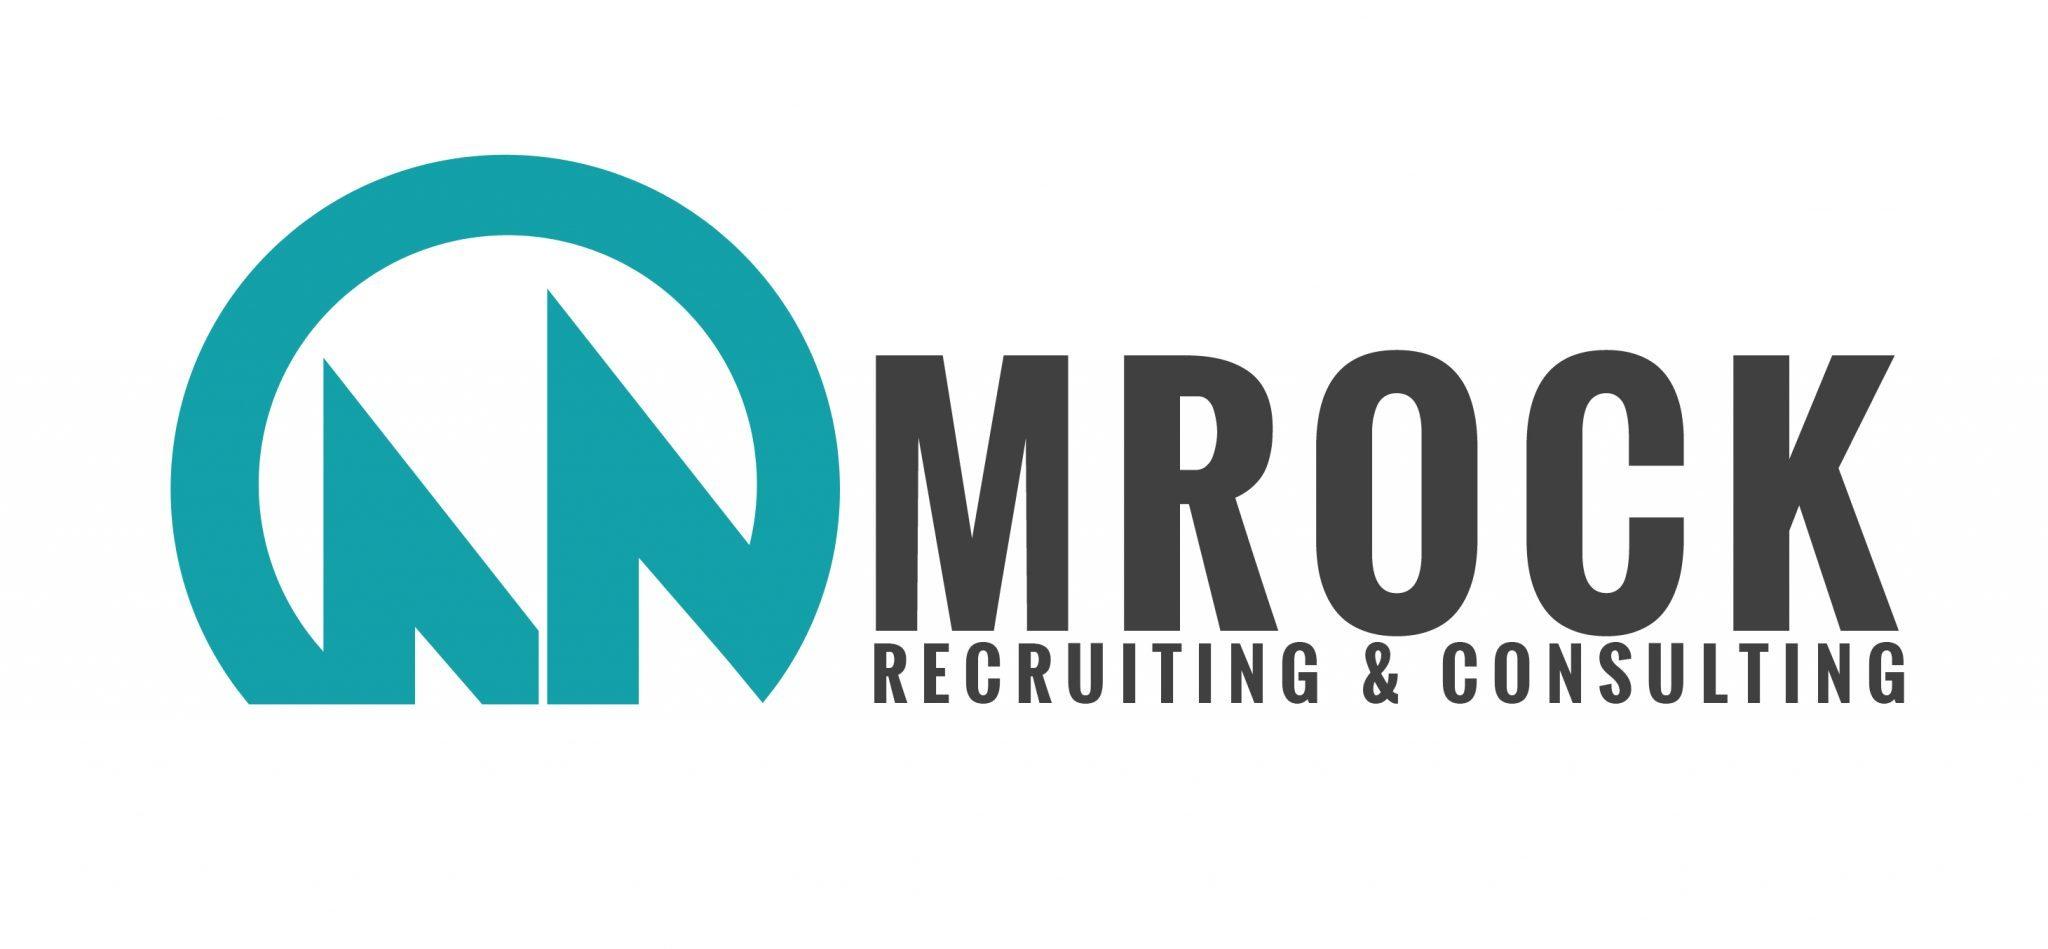 mrock-logo-design